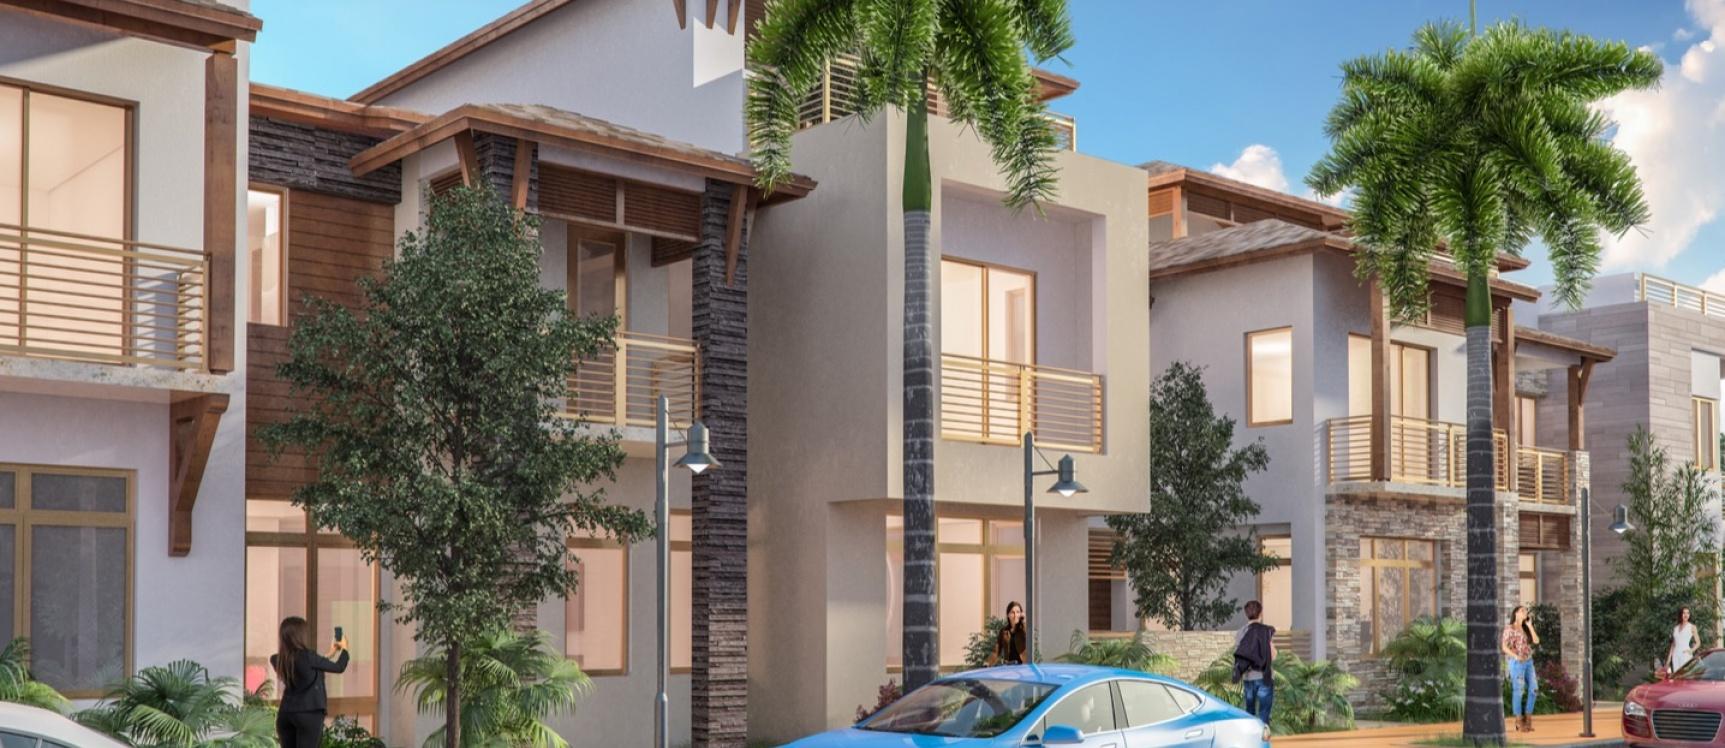 GeoBienes - Tahití Collection Canarias Downtown Doral Miami - Plusvalia Guayaquil Casas de venta y alquiler Inmobiliaria Ecuador